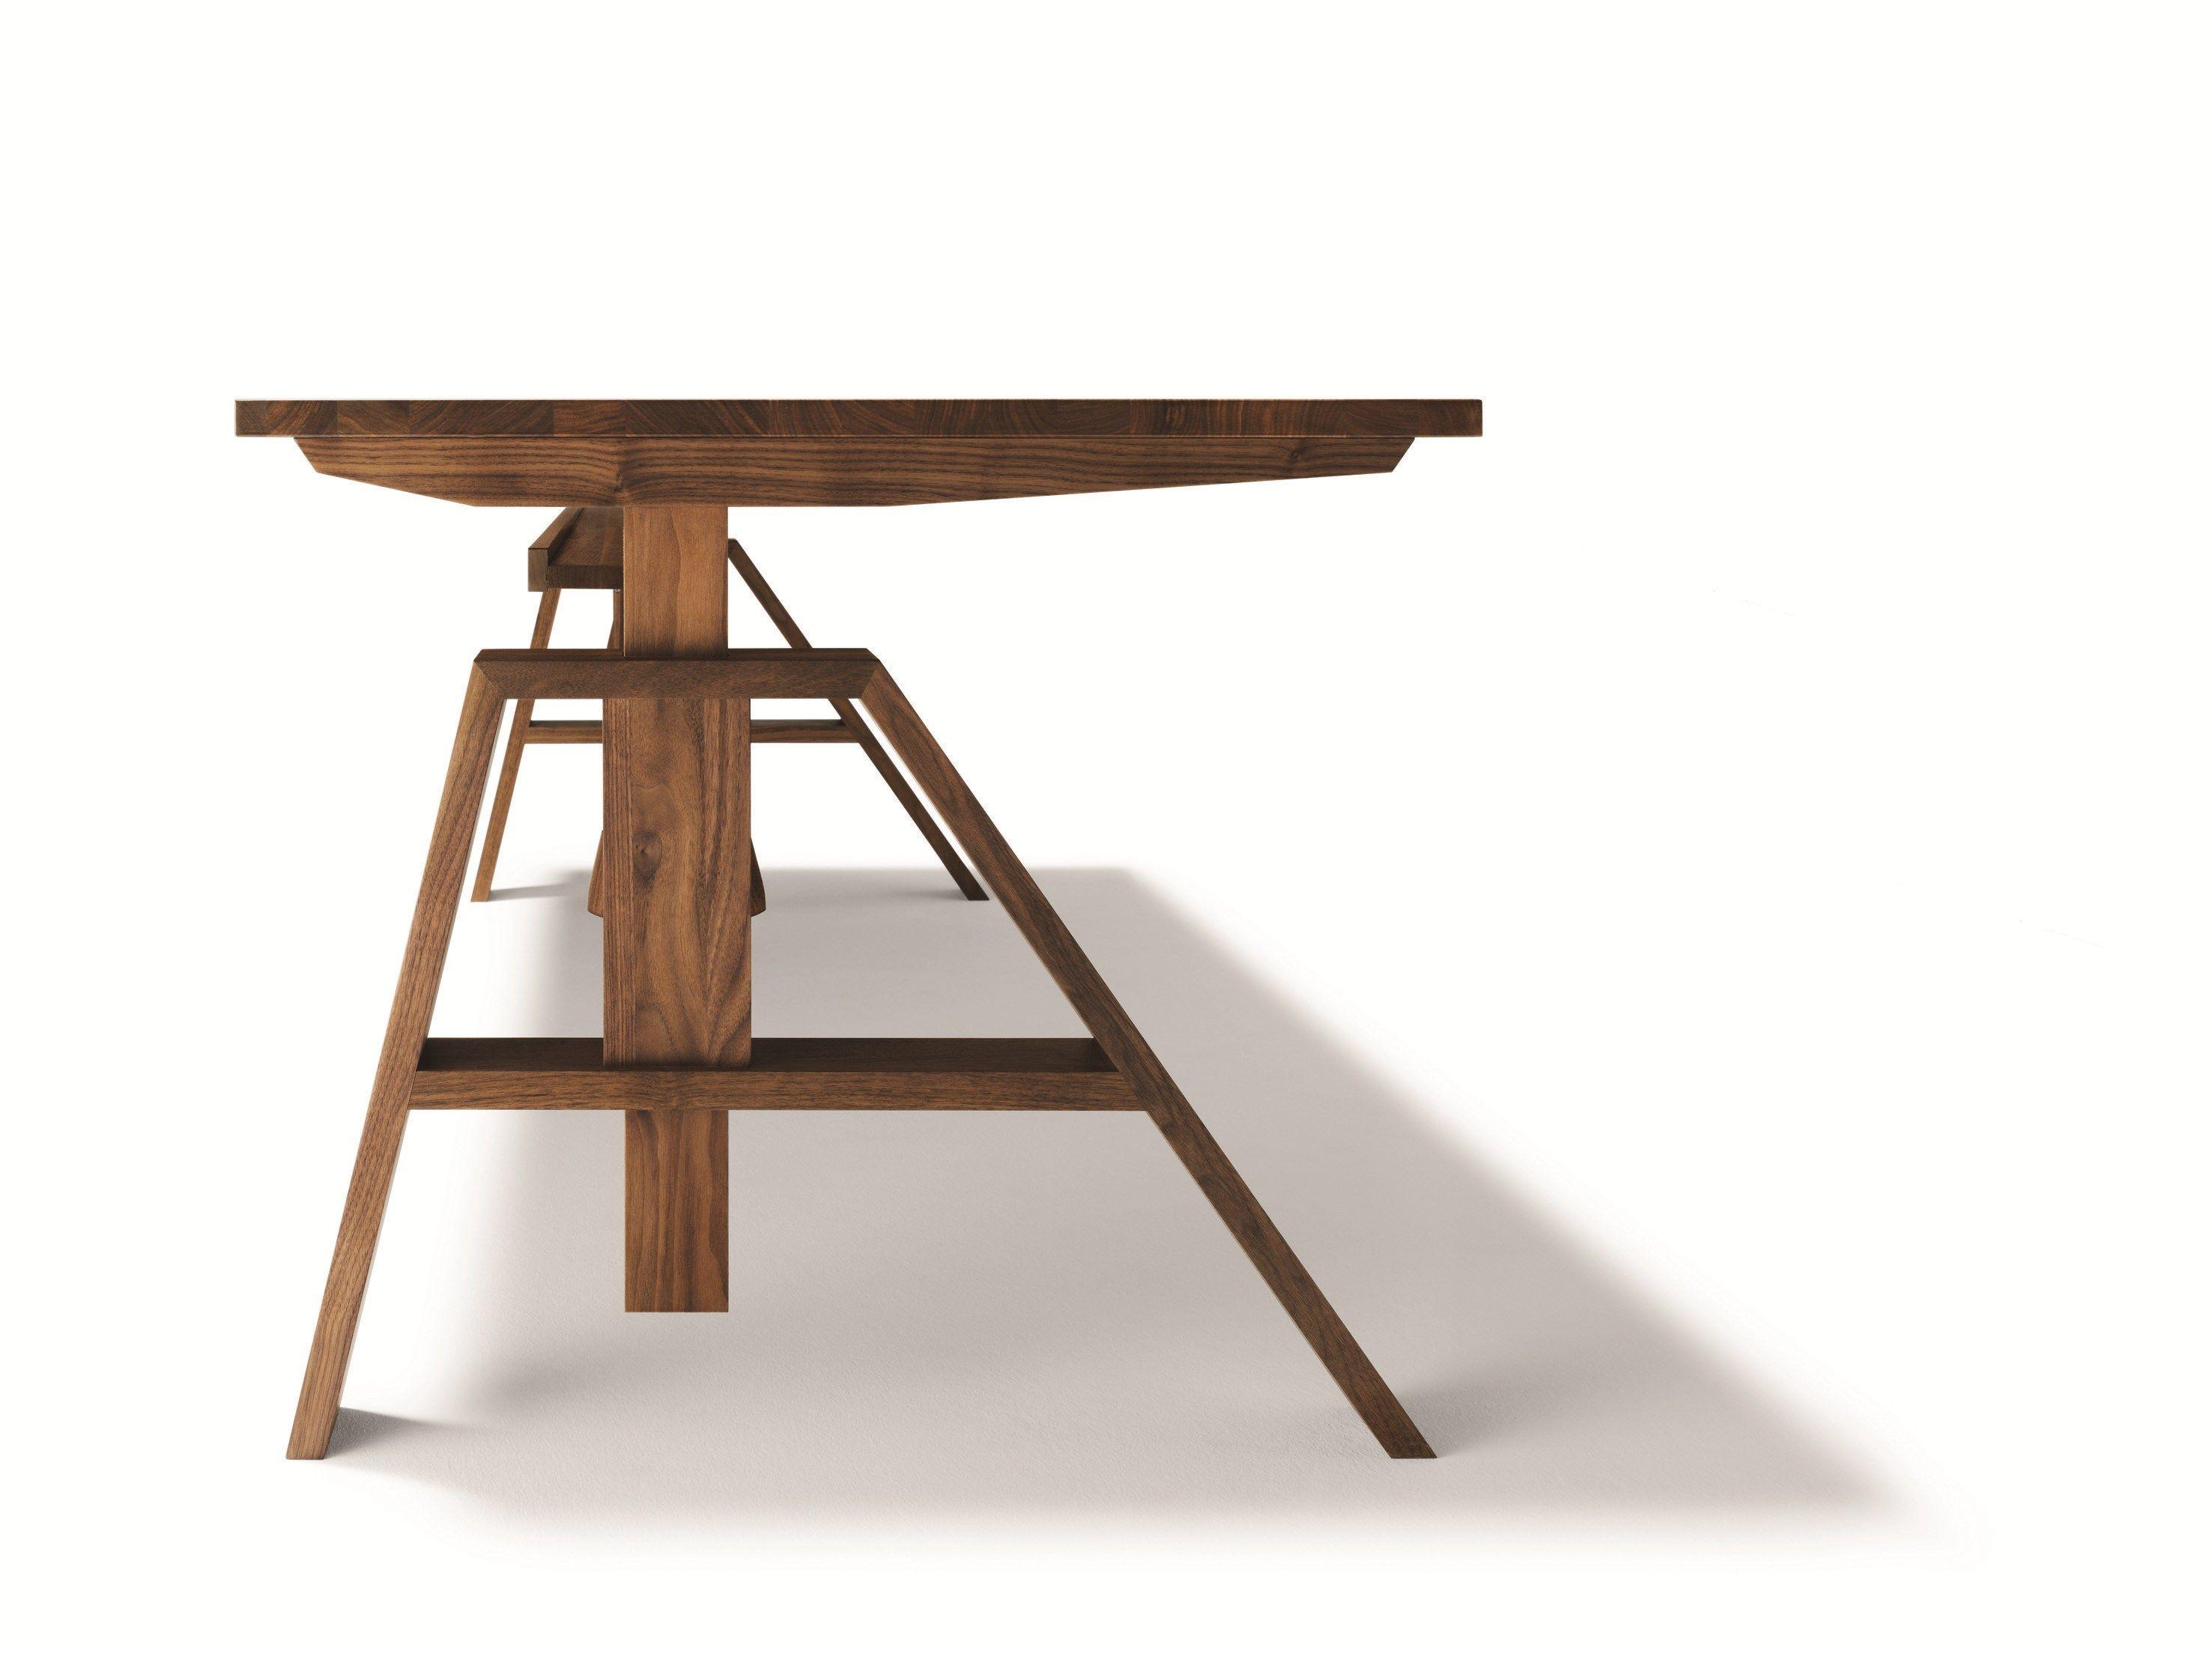 bureau r glable en hauteur atelier by team 7 nat rlich. Black Bedroom Furniture Sets. Home Design Ideas